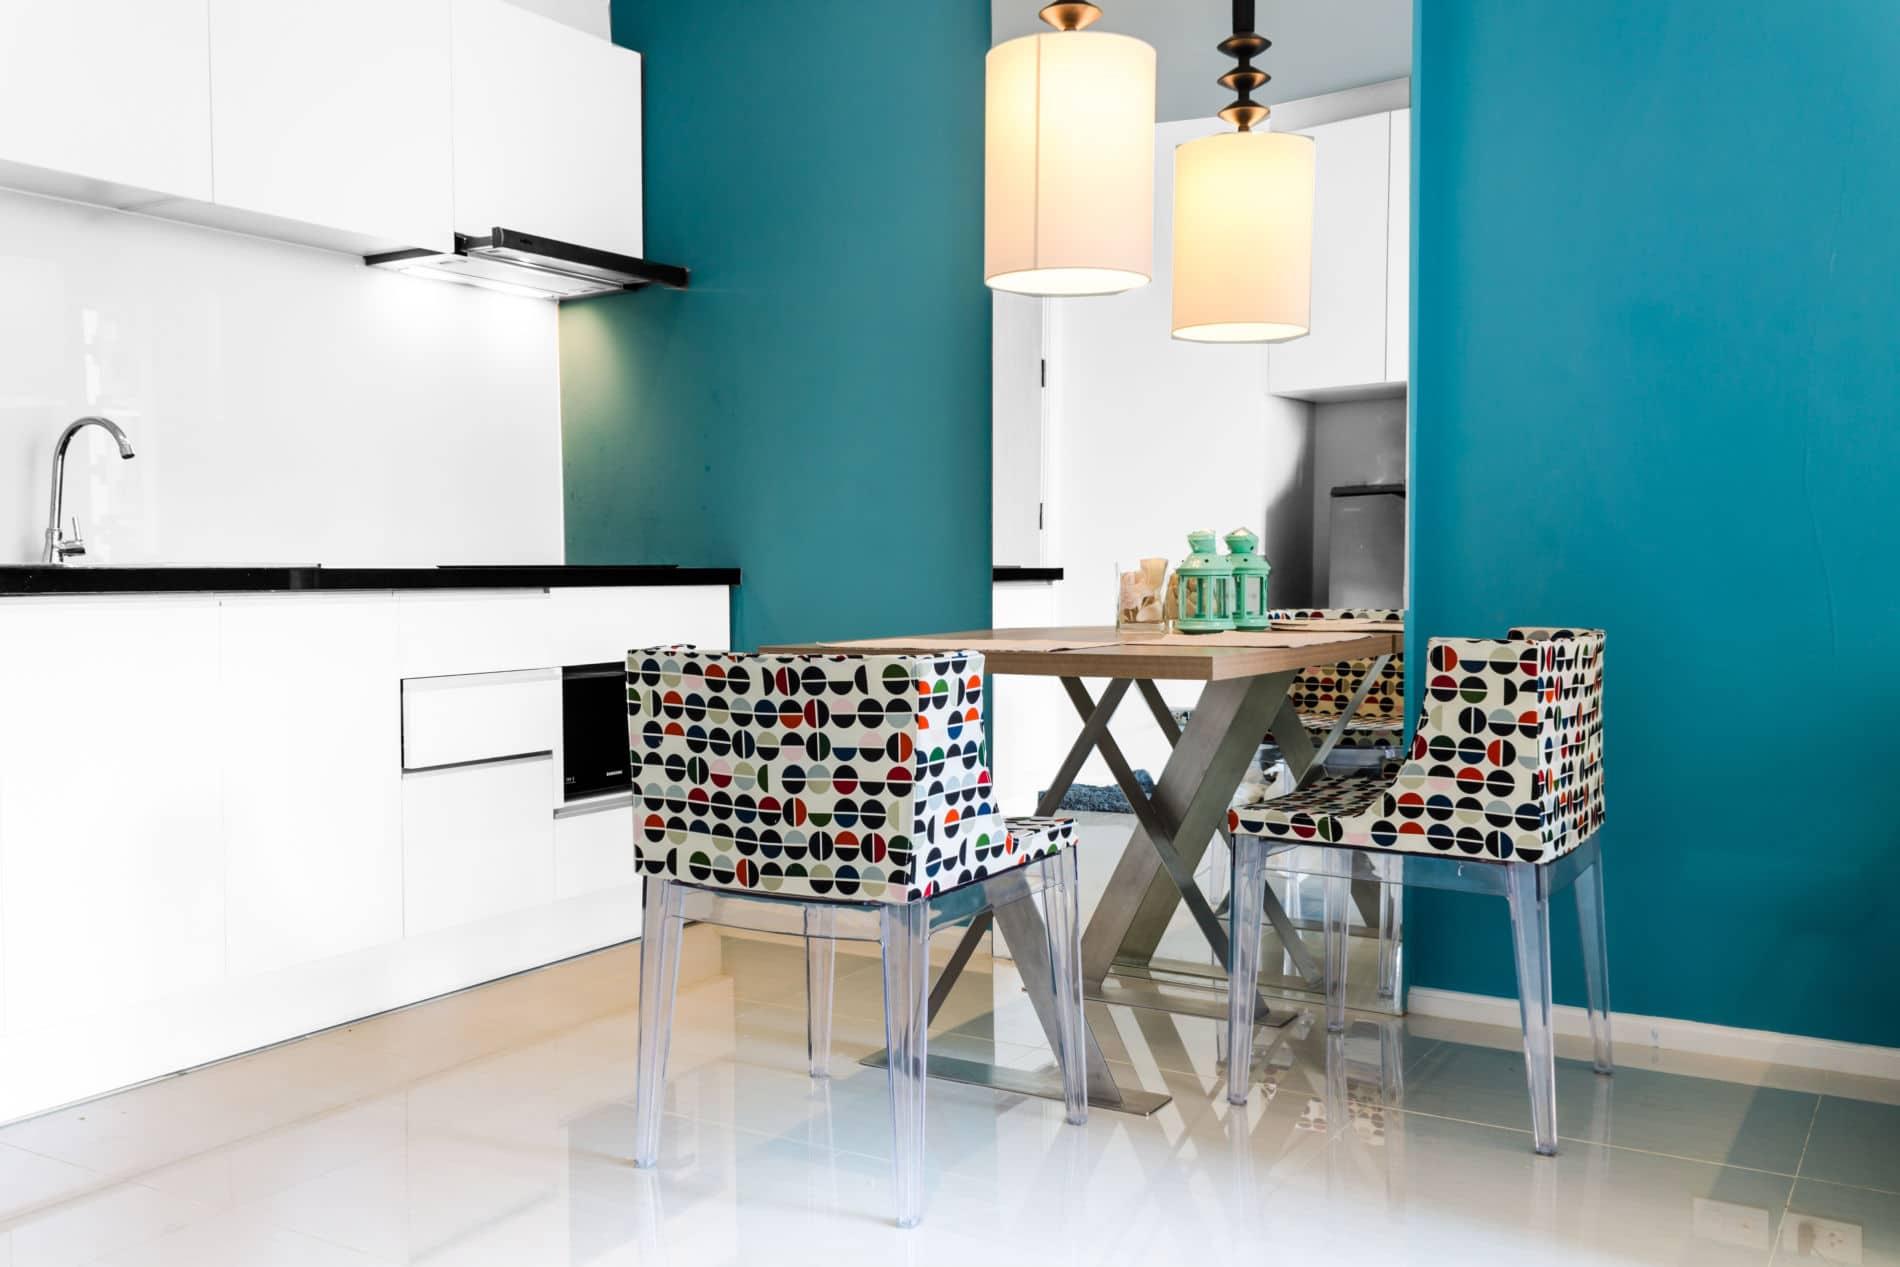 עיצוב מטבחים בהתאמהחברות לעיצוב וייצור שיש למטבחים מיומנים ומומחים מהחברות המובילות המשק בתחום ייצור והרכבת מטבחים שיודעים להתאים לכל לקוח מטבחים מתאימים תוך כדי שימוש בחומרים מעולים